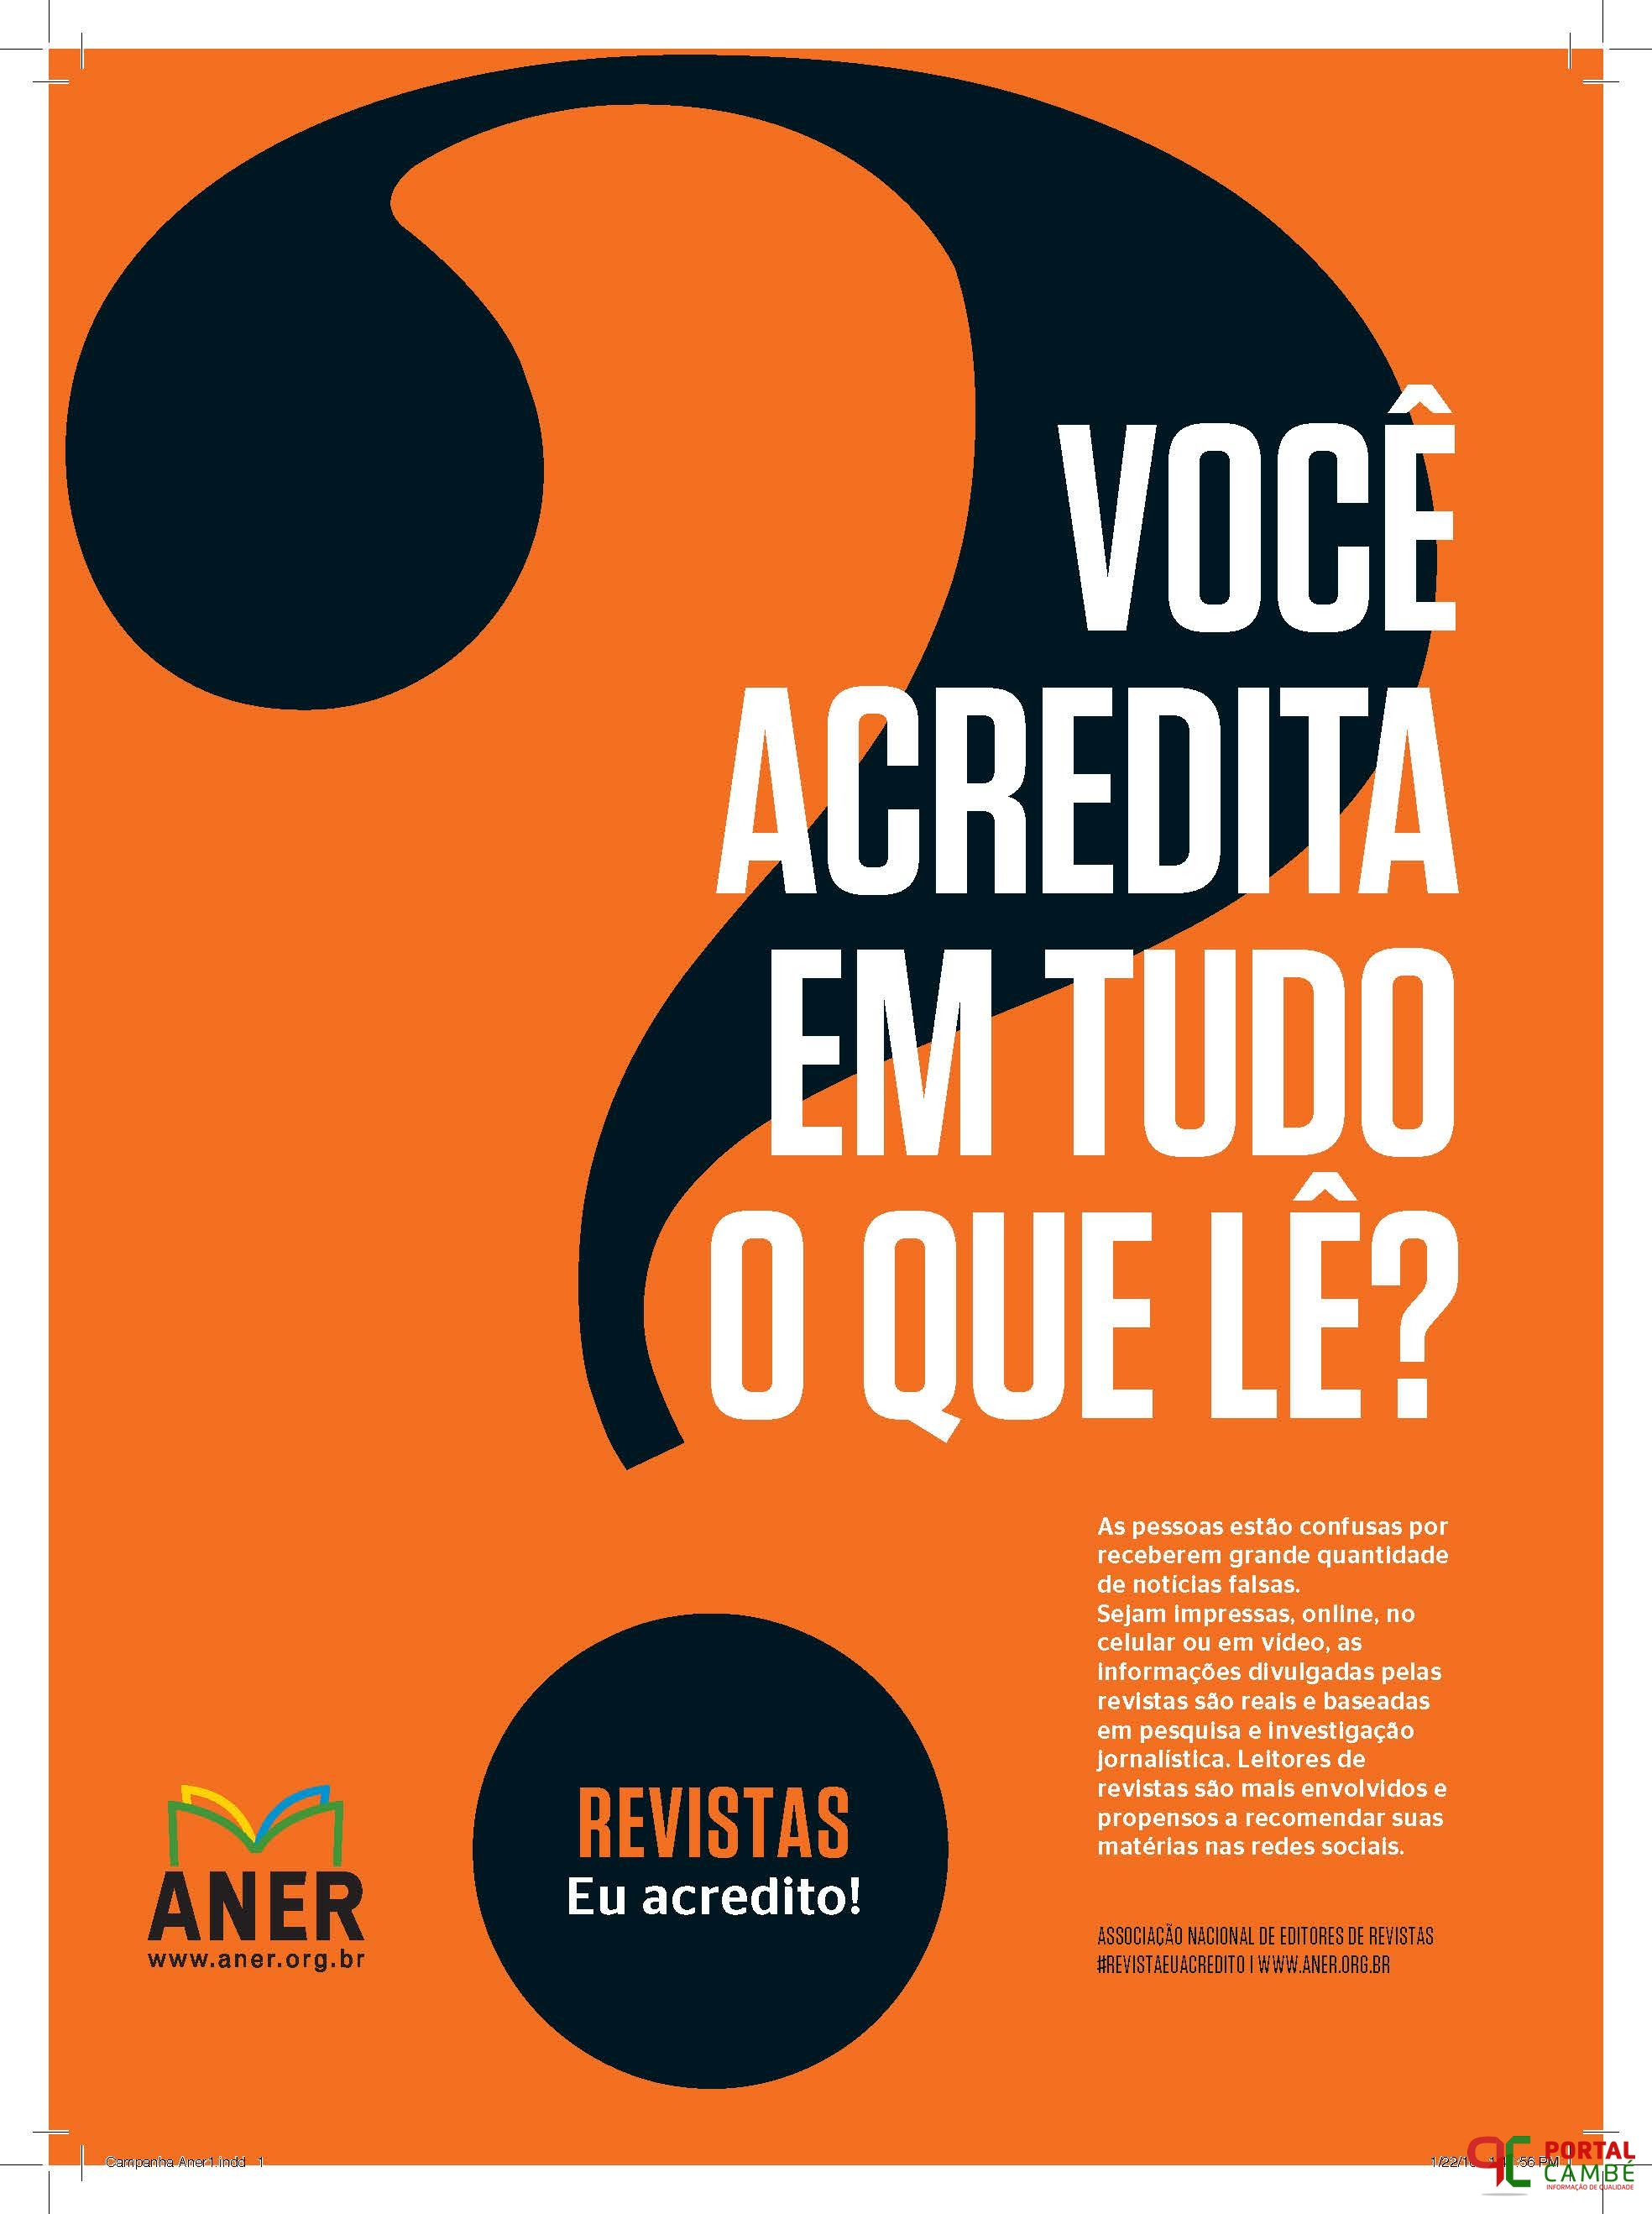 ANER lança campanha de combate às notícias falsas